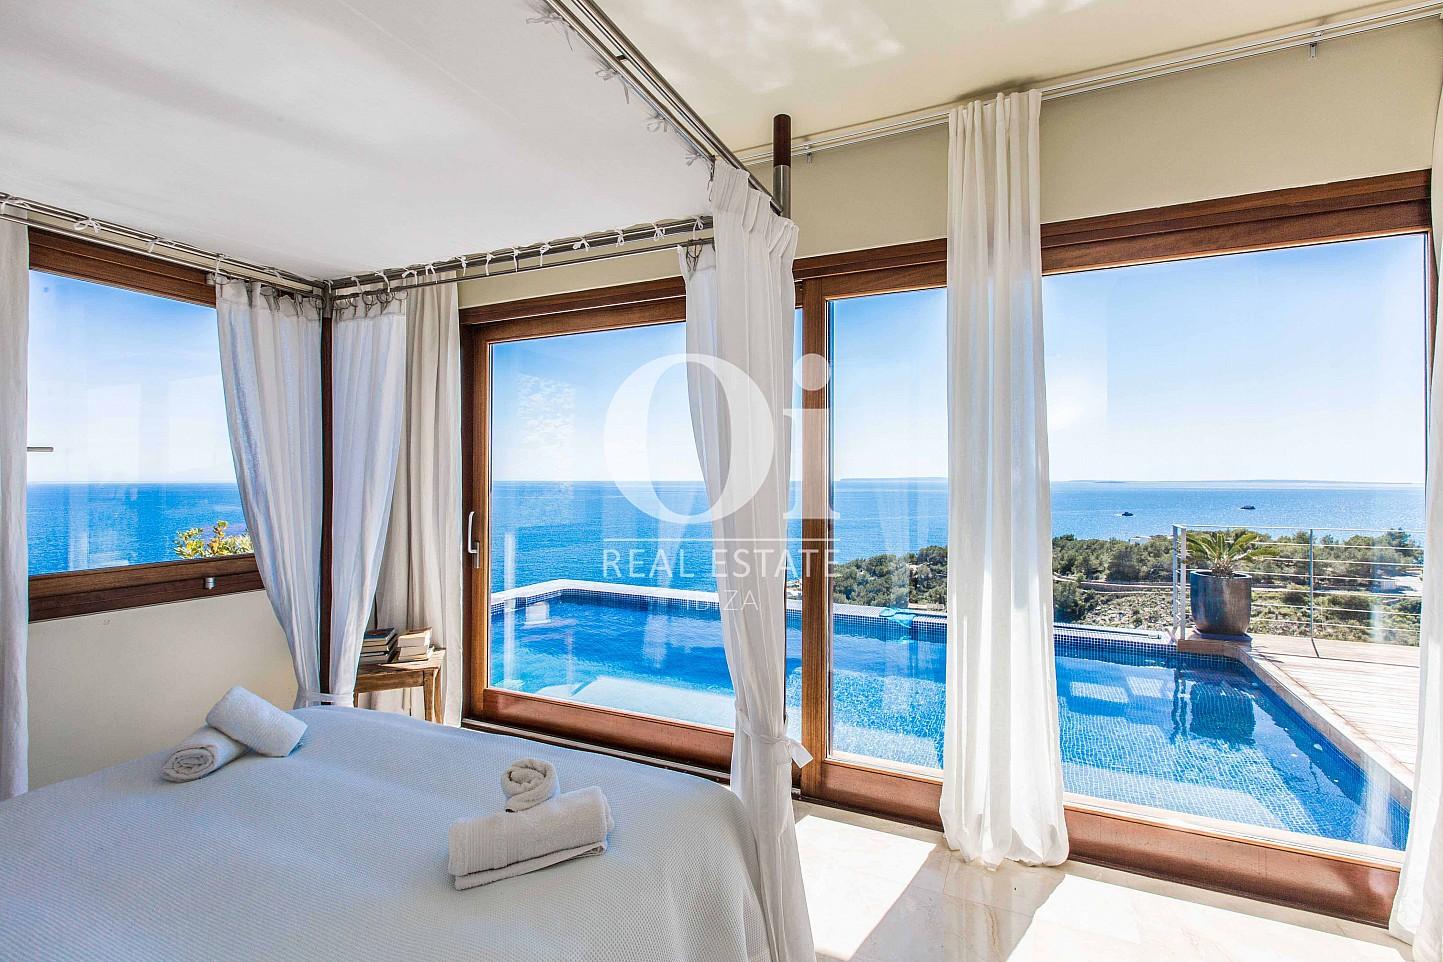 Замечательная спальня, из которой открываются потрясающие виды на море, в шикарной вилле в краткосрочную аренду на Ибице